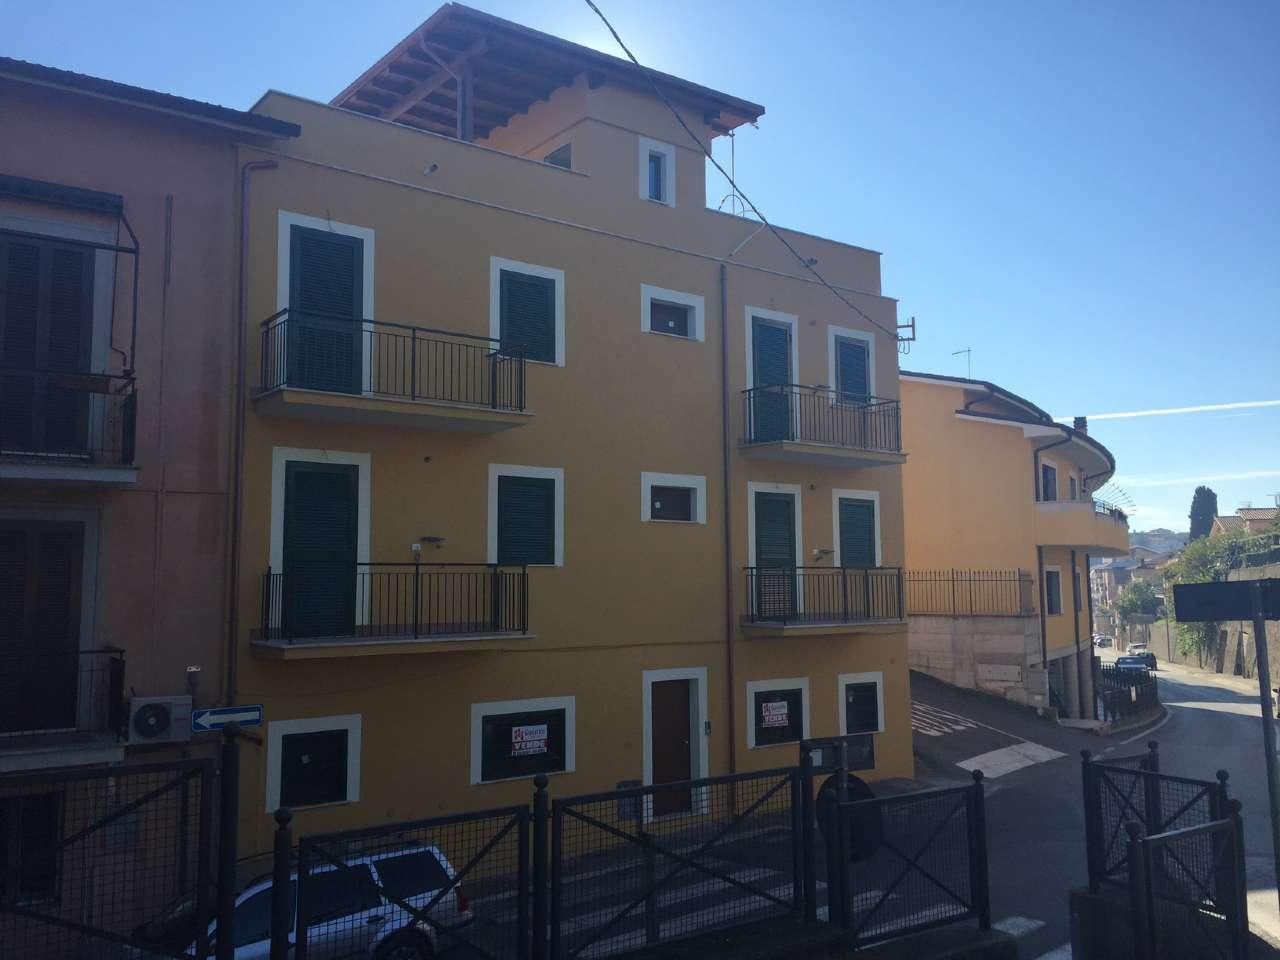 Appartamento in vendita a Fiano Romano, 2 locali, prezzo € 79.000 | Cambio Casa.it